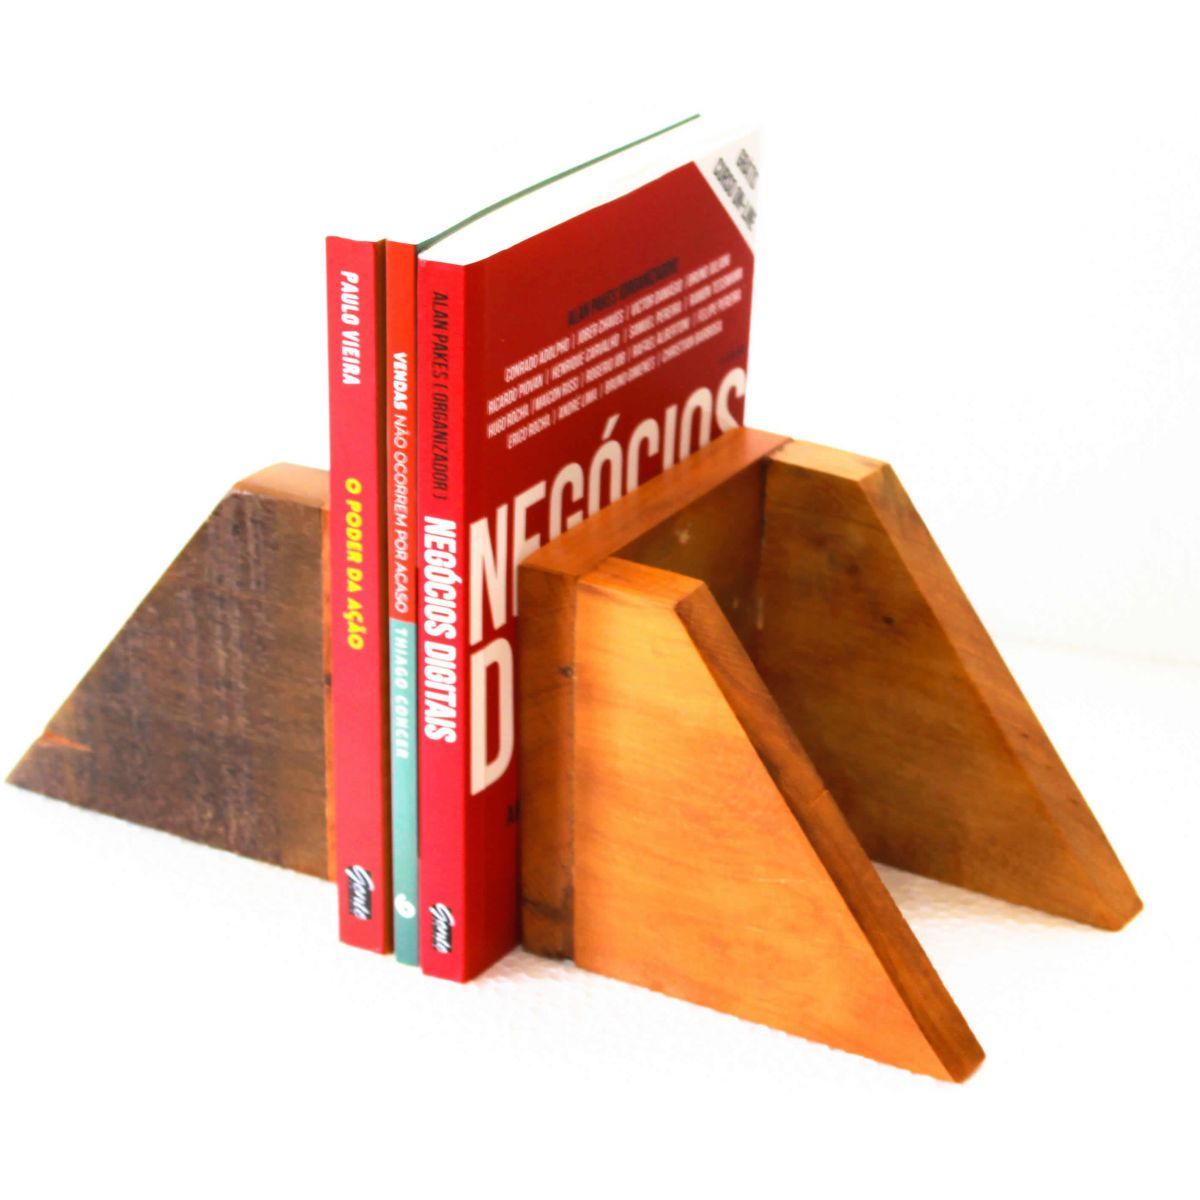 Suporte Para Livros Em Madeira De Demolição Peça Decorativa Medindo 0,15 x 0,15